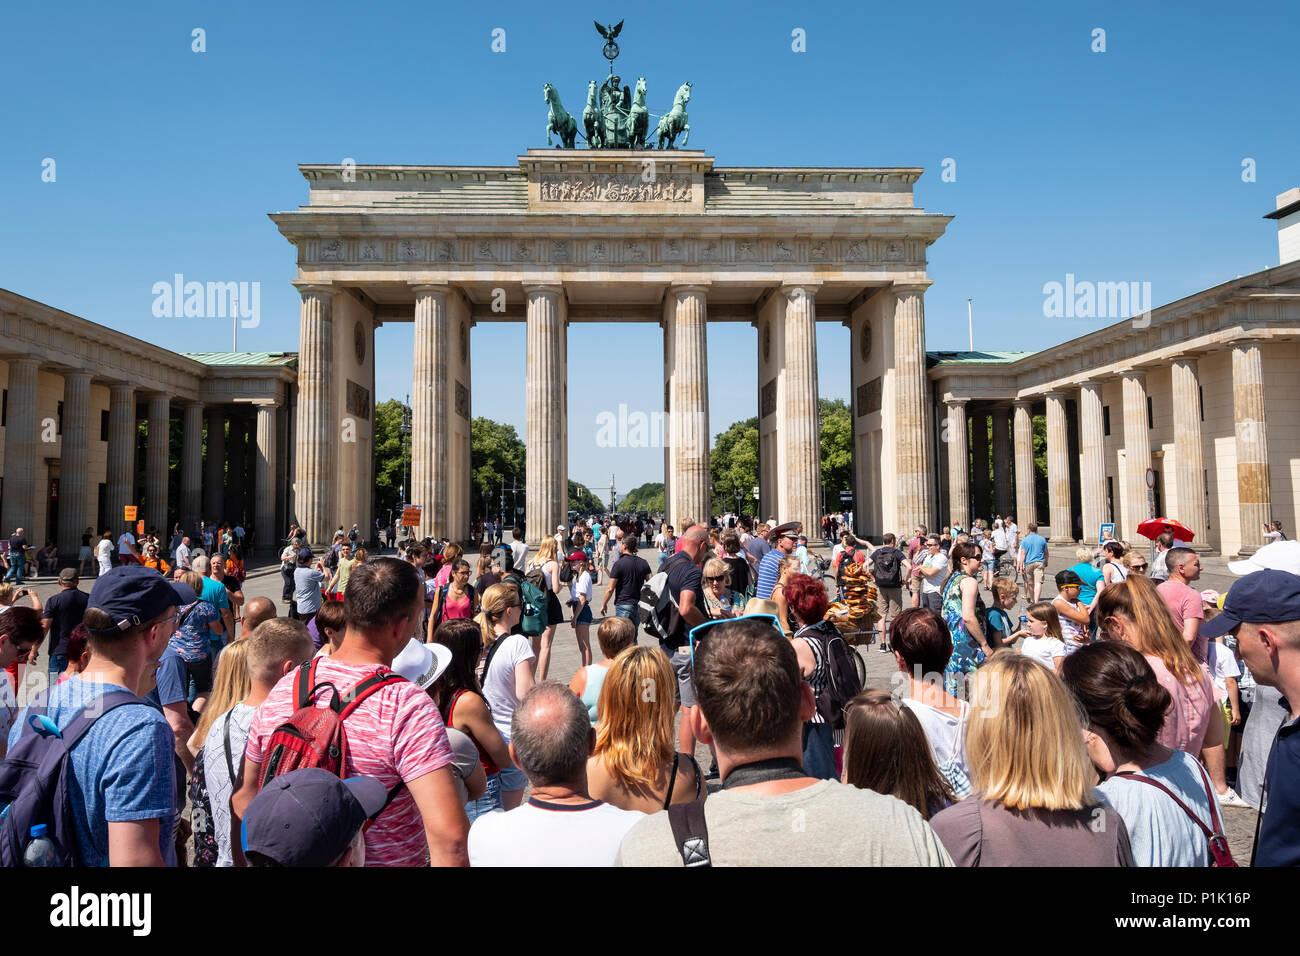 Viele Touristen vor dem Brandenburger Tor in Berlin, Deutschland Stockfoto